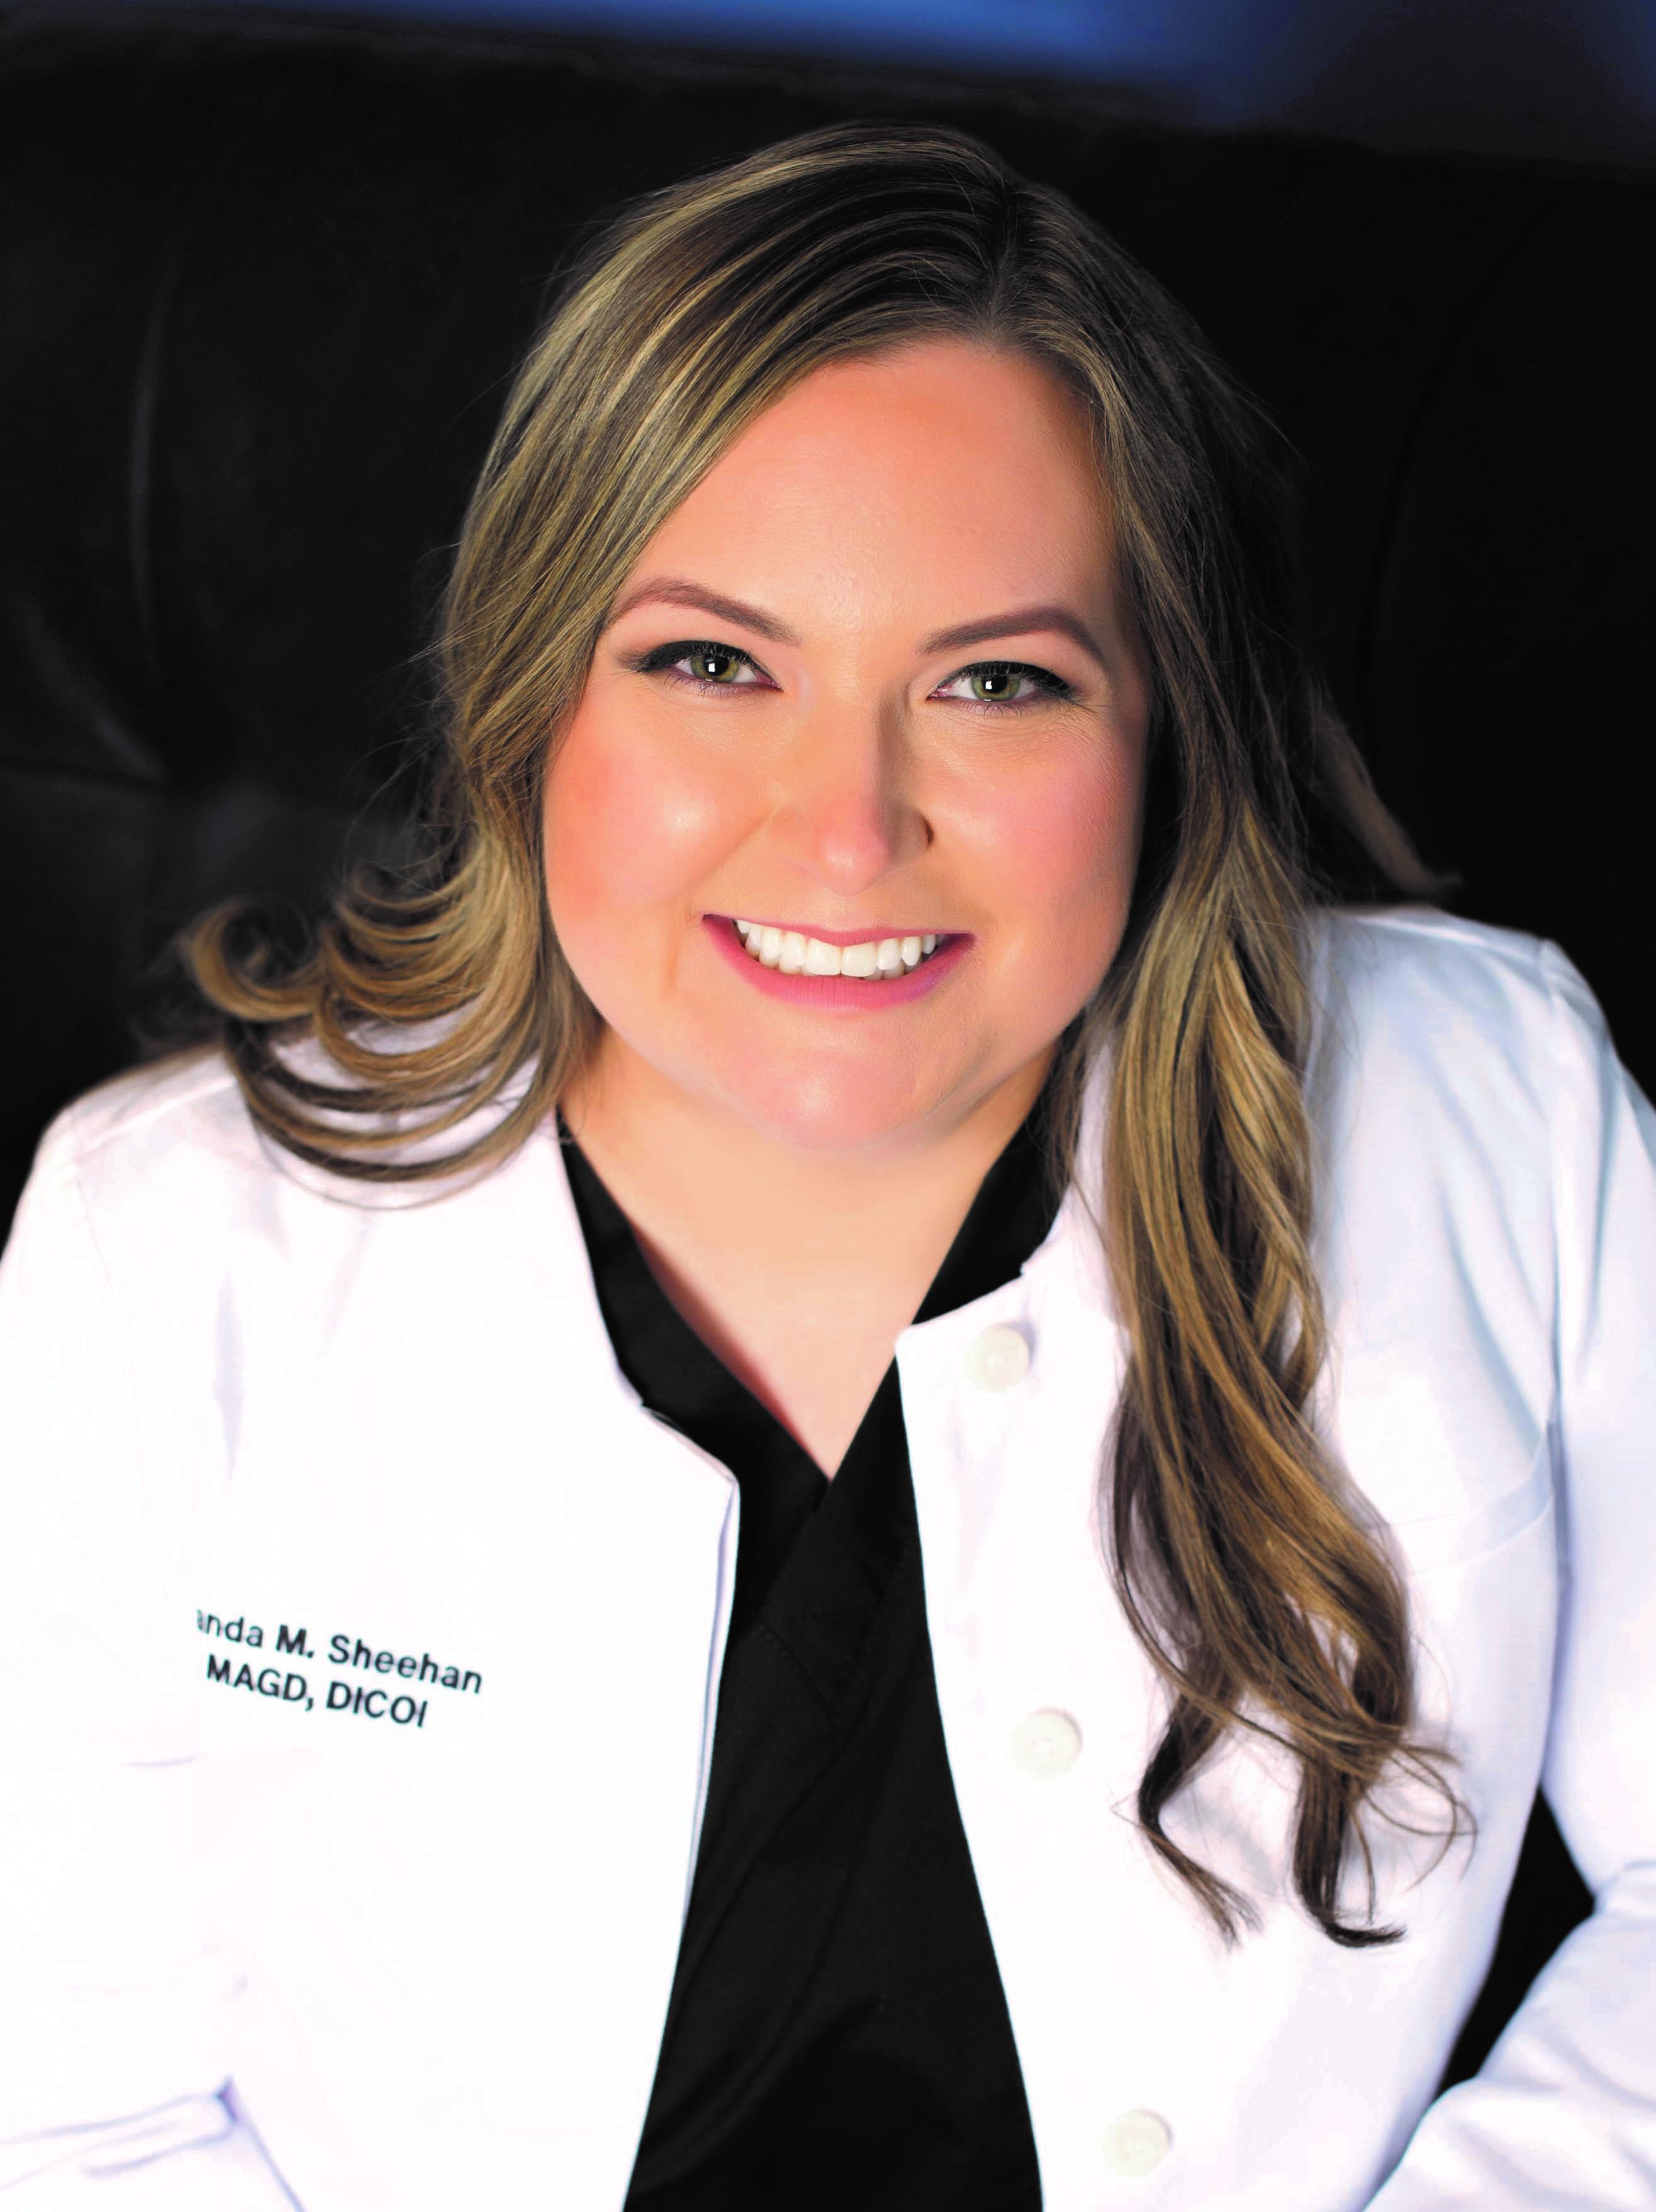 Dr. Amanda M. Sheehan